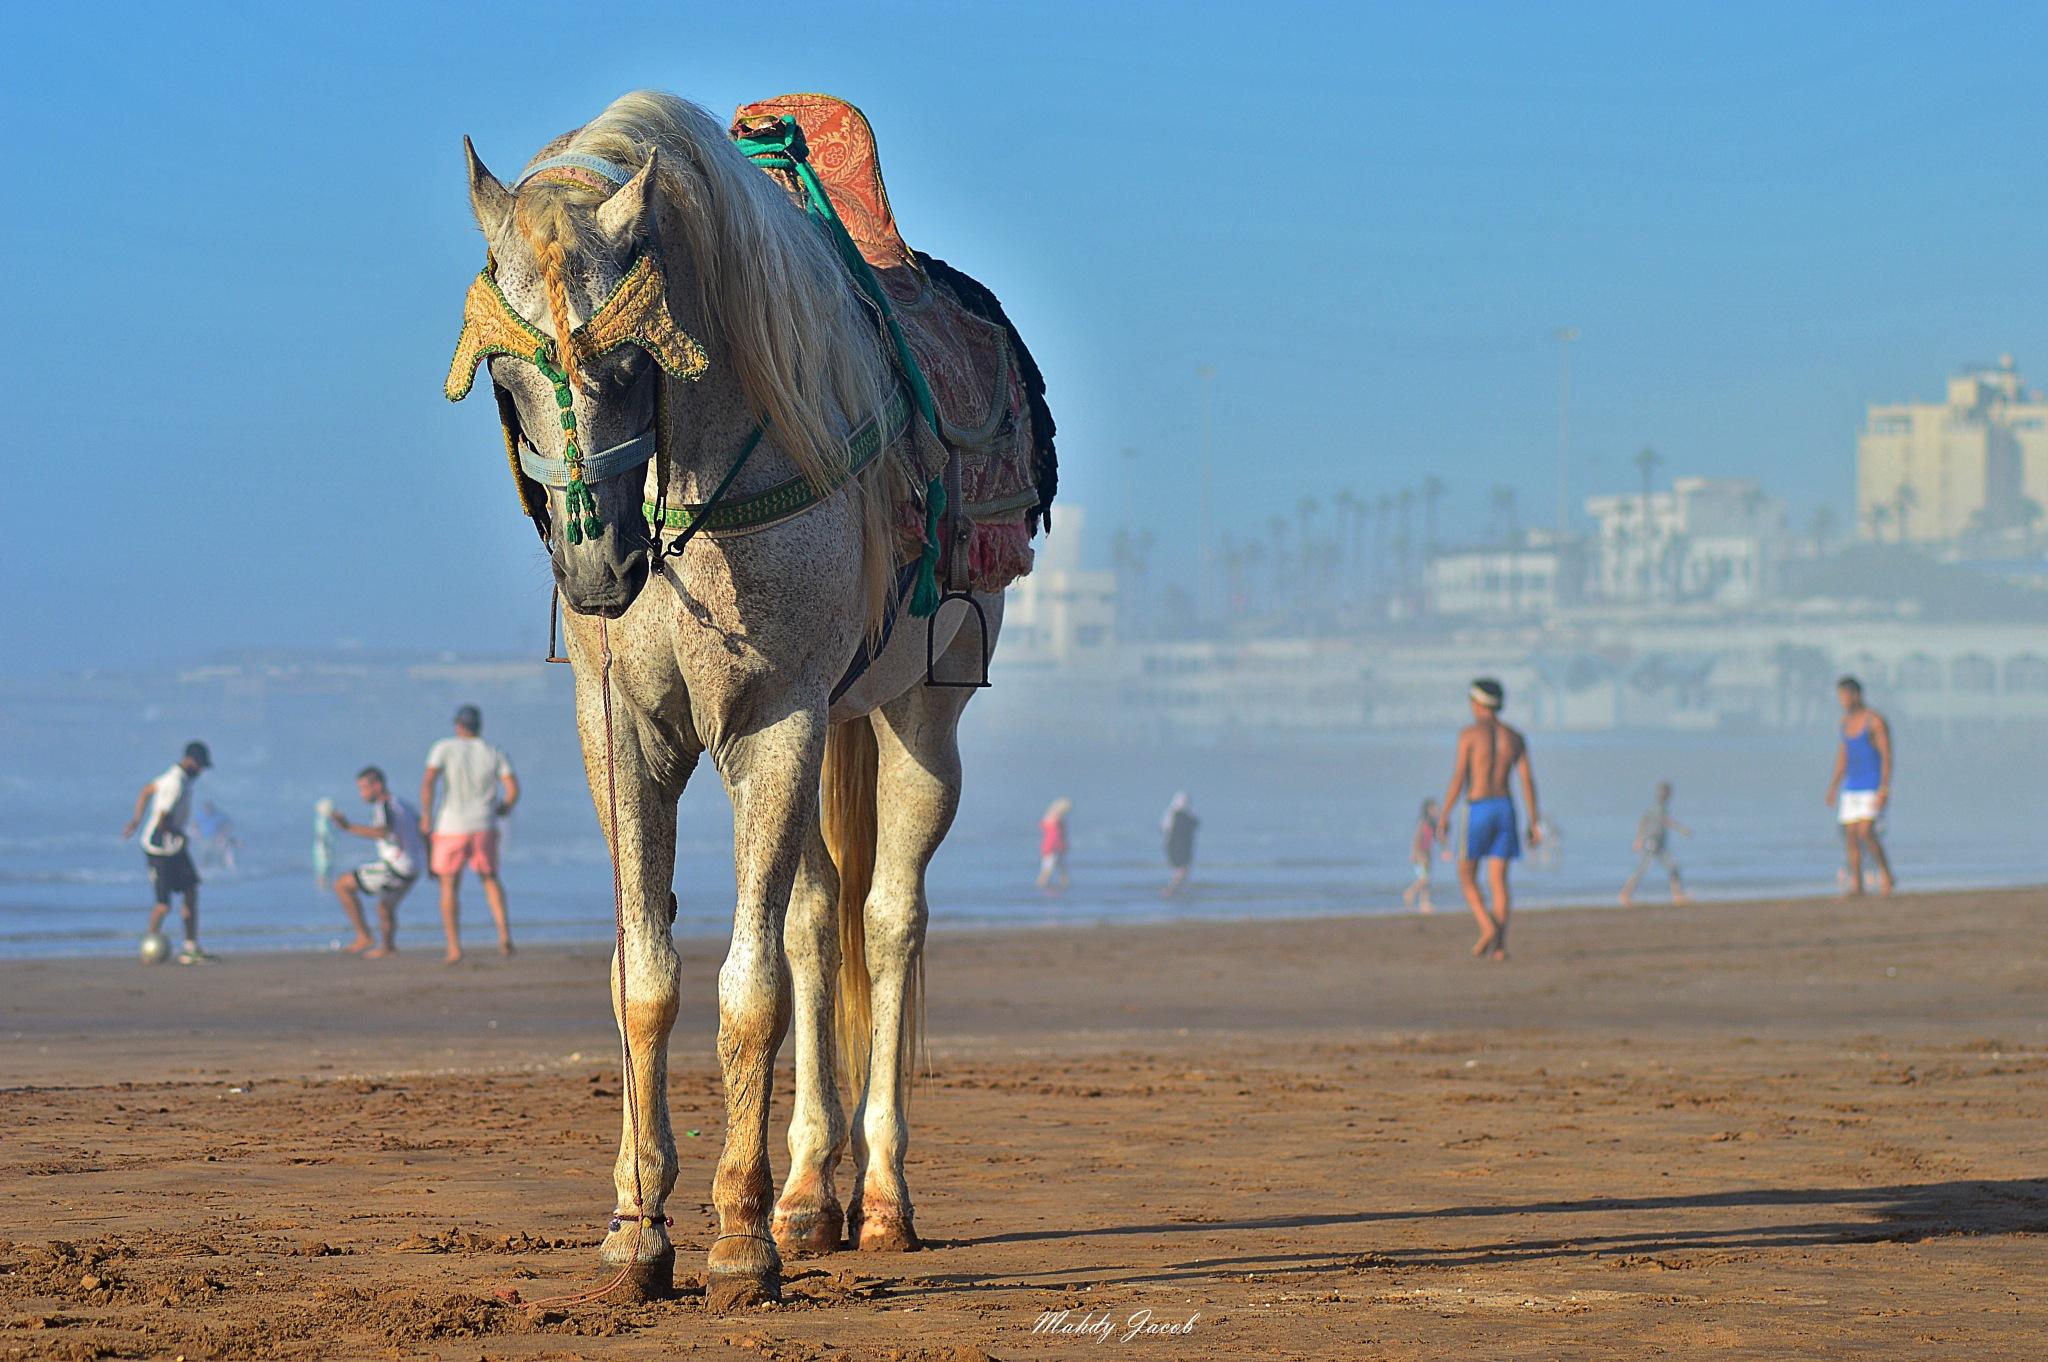 sad horse  by mahdyjacob